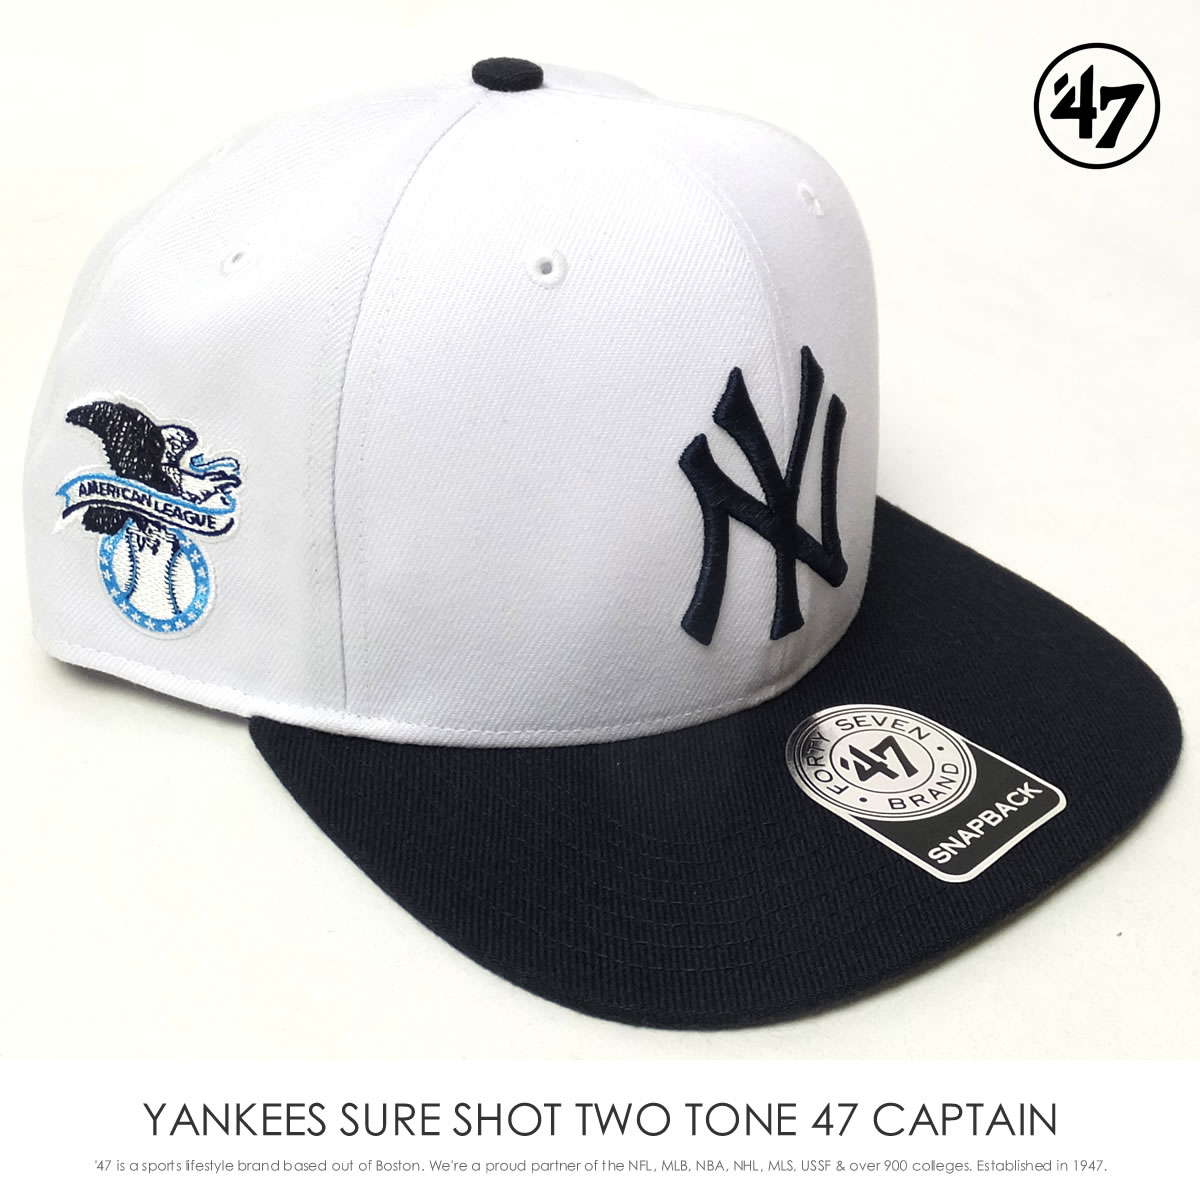 フォーティーセブンブランド 47BRAND キャップ 帽子 メンズ ニューヨーク・ヤンキース YANKEES SURE SHOT TWO TONE 47 CAPTAIN ホワイト (SRSTT17WBP)